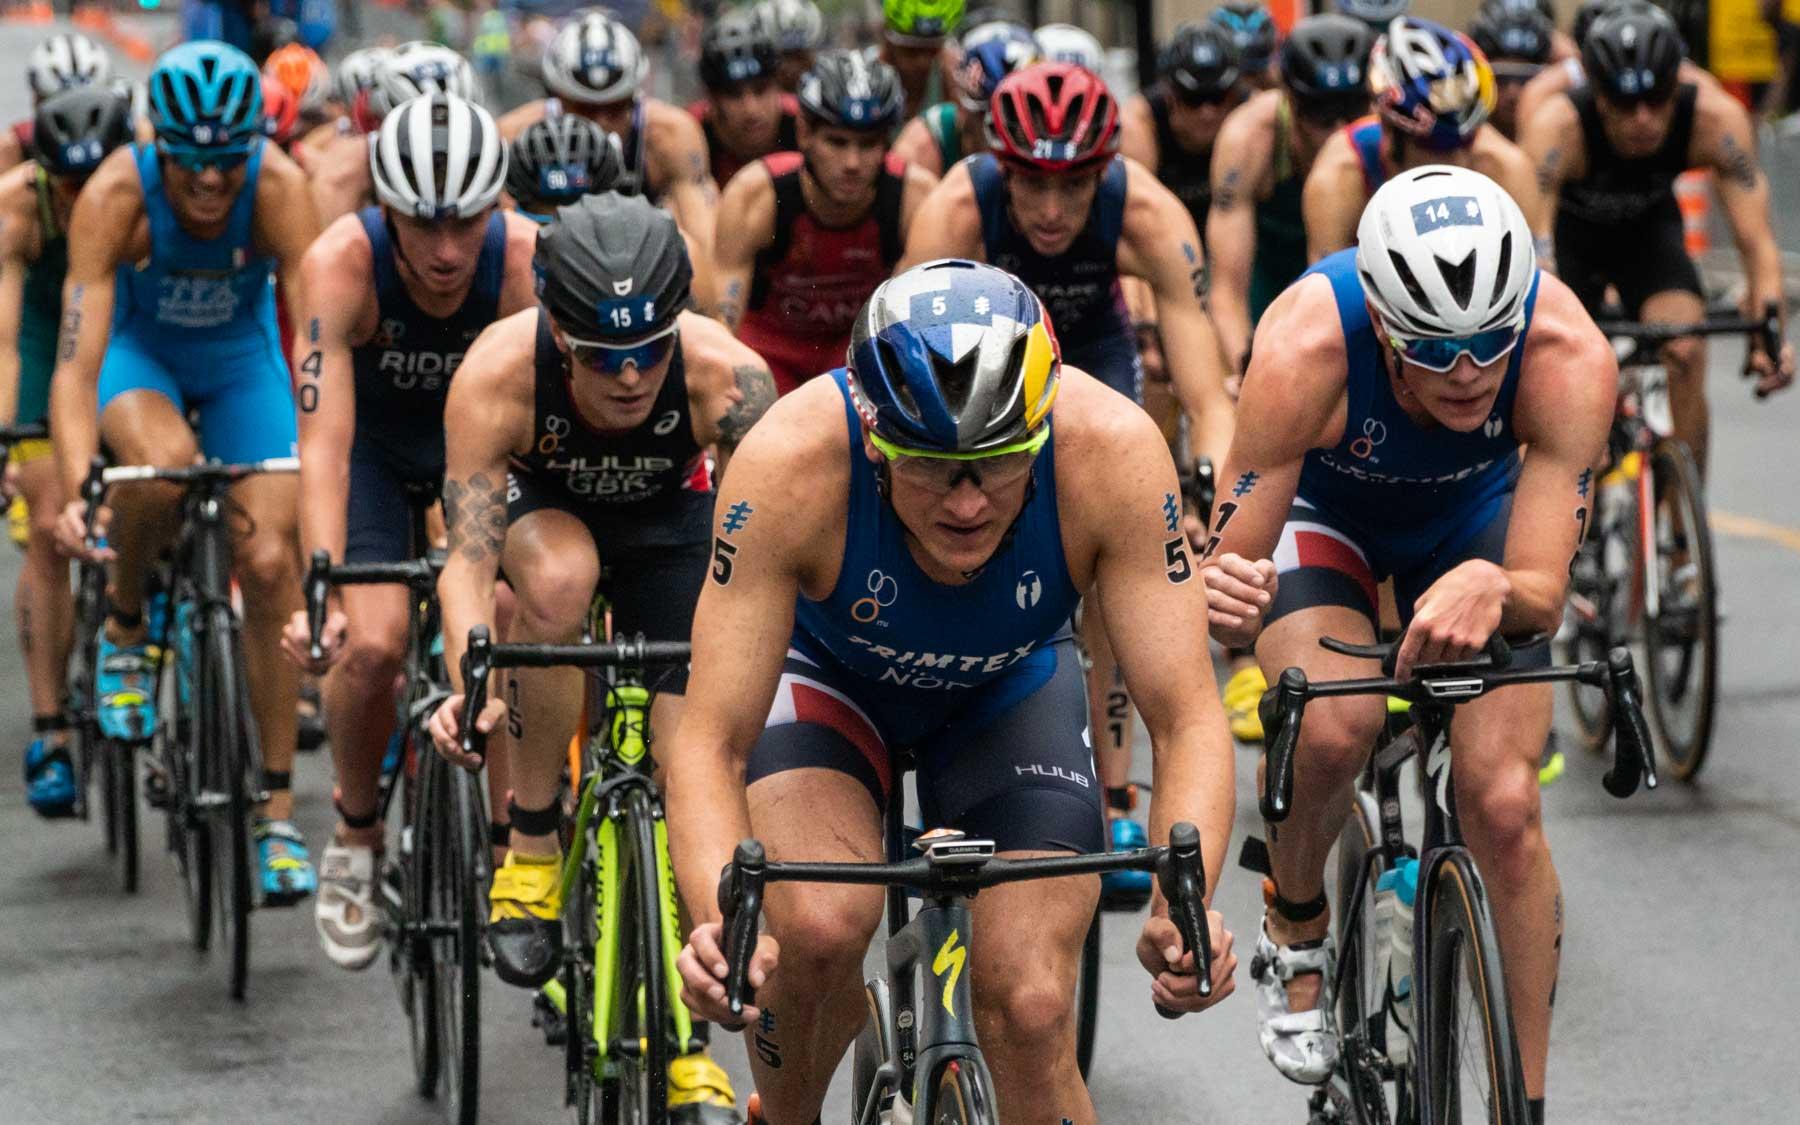 Kristian Blummenfelt leads the pack.